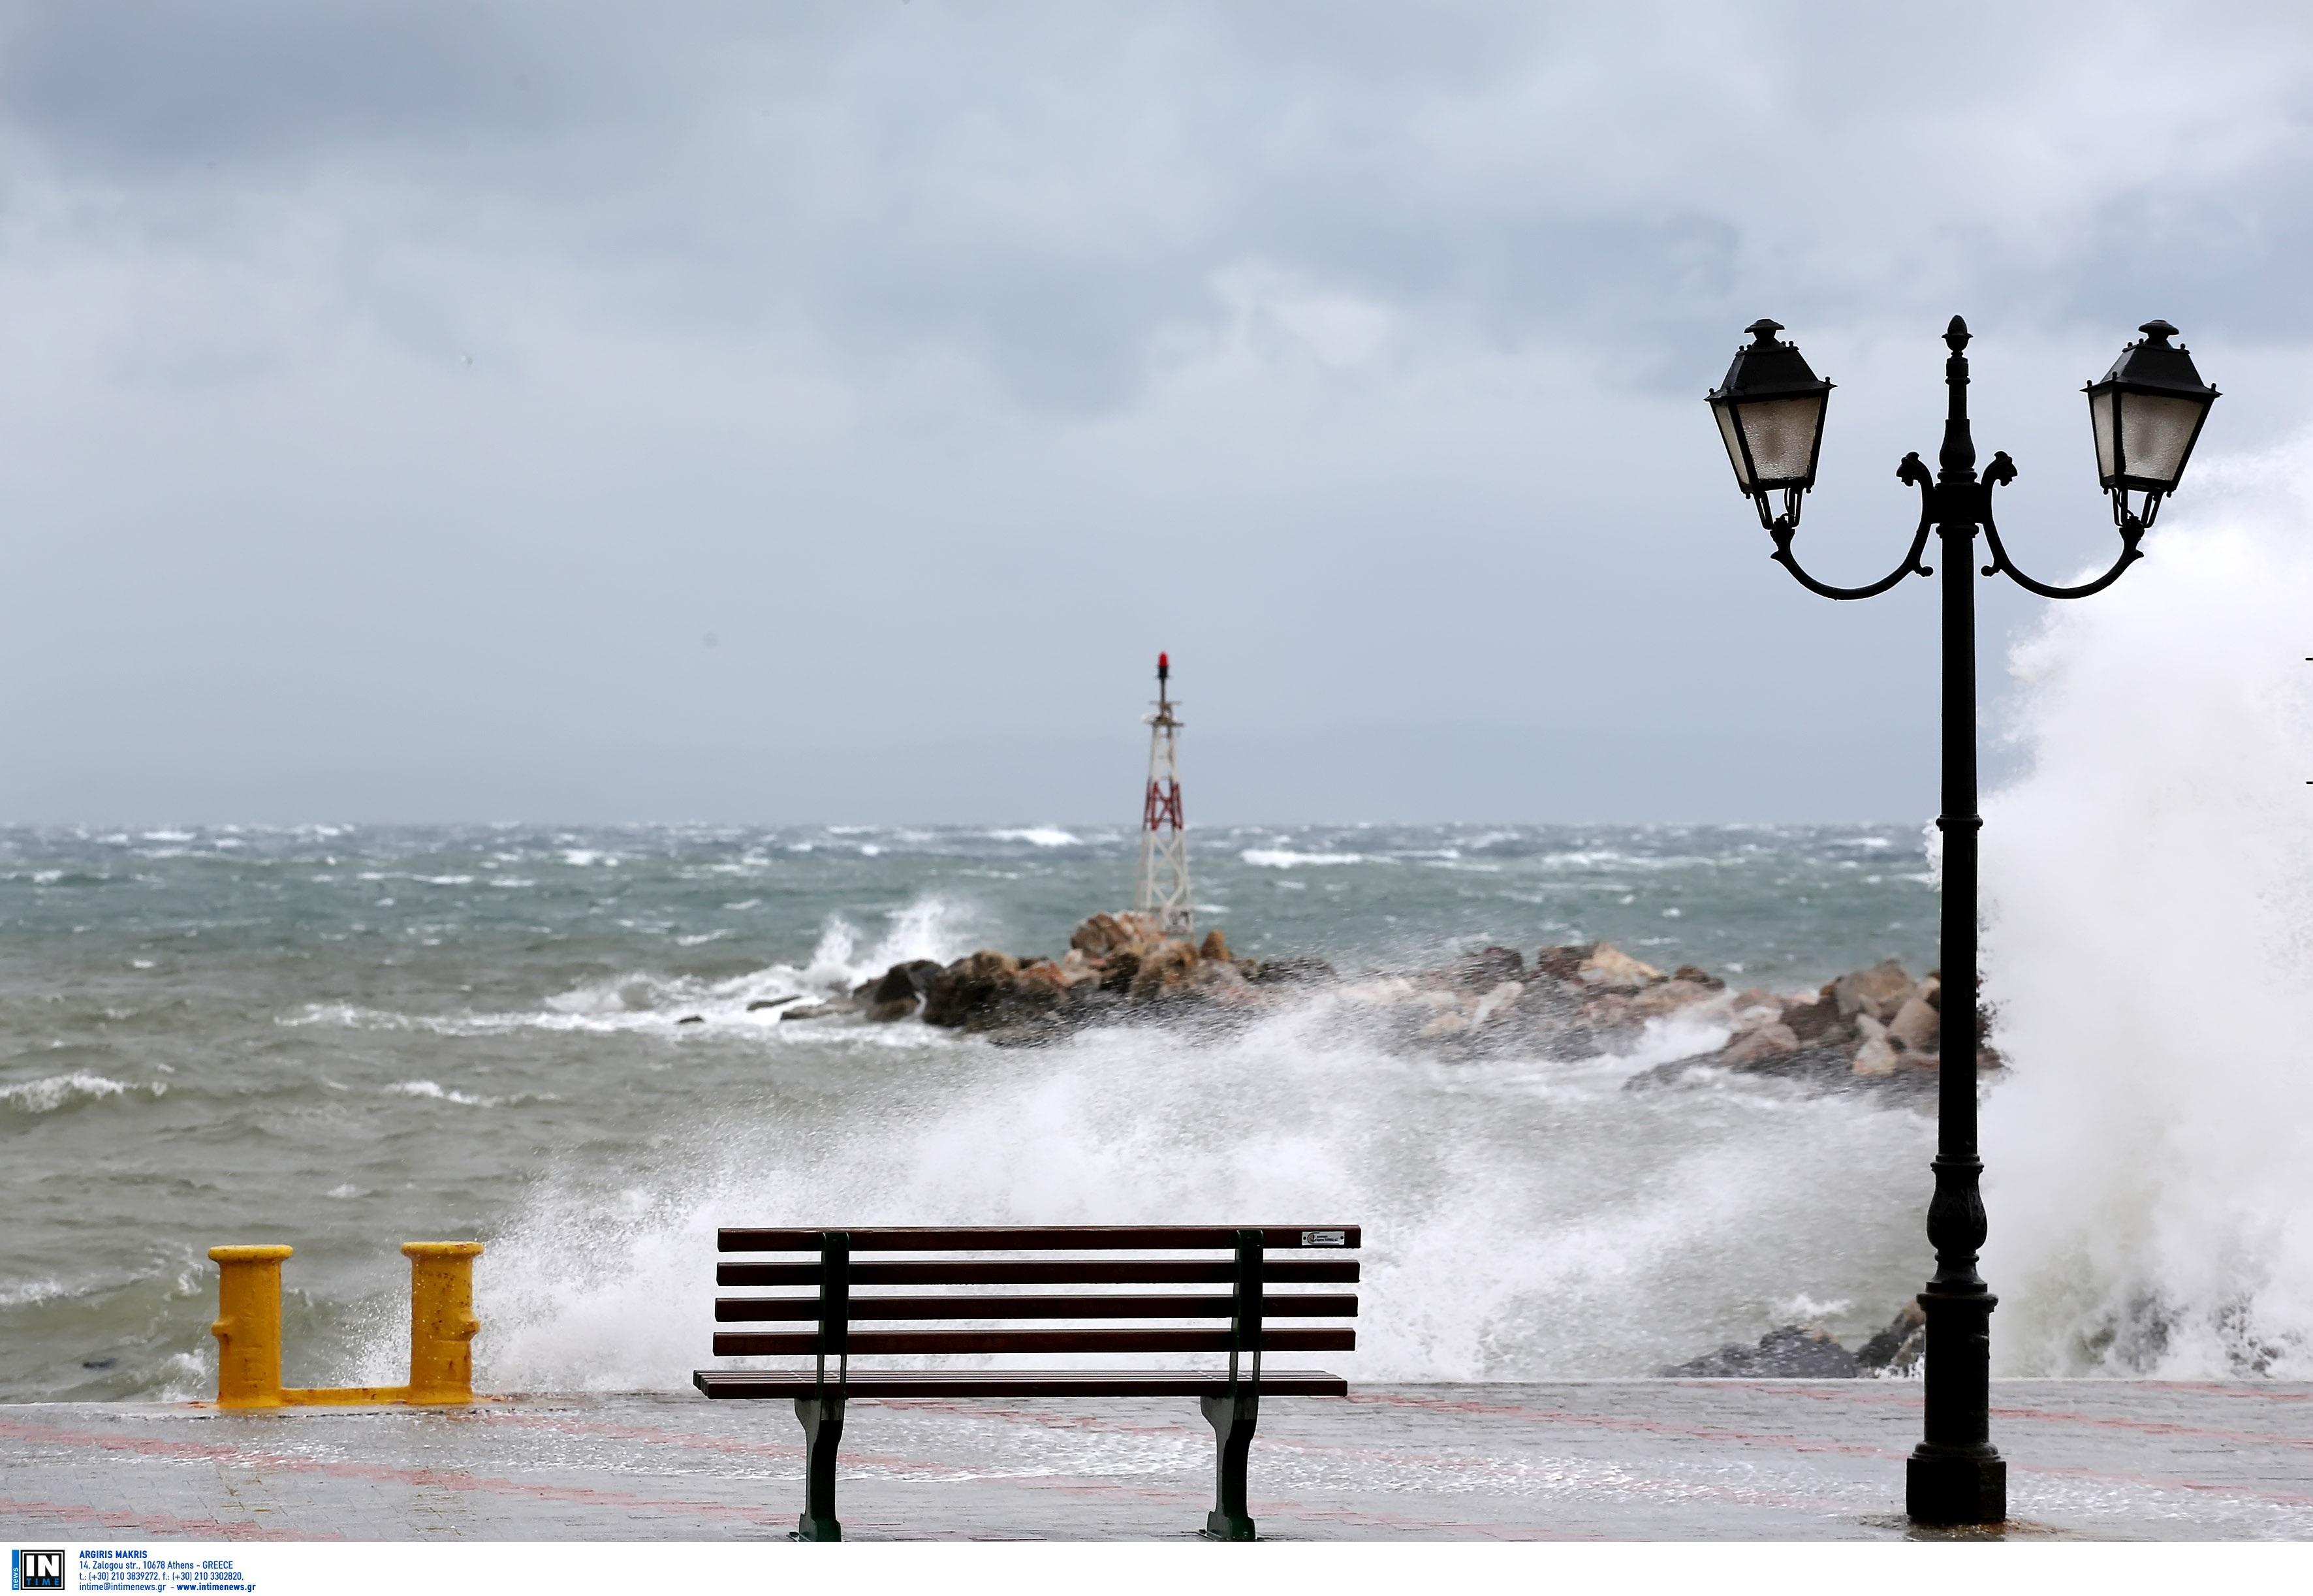 Απαγορευτικό: Προβλήματα σε θάλασσα και αέρα στο Ηράκλειο